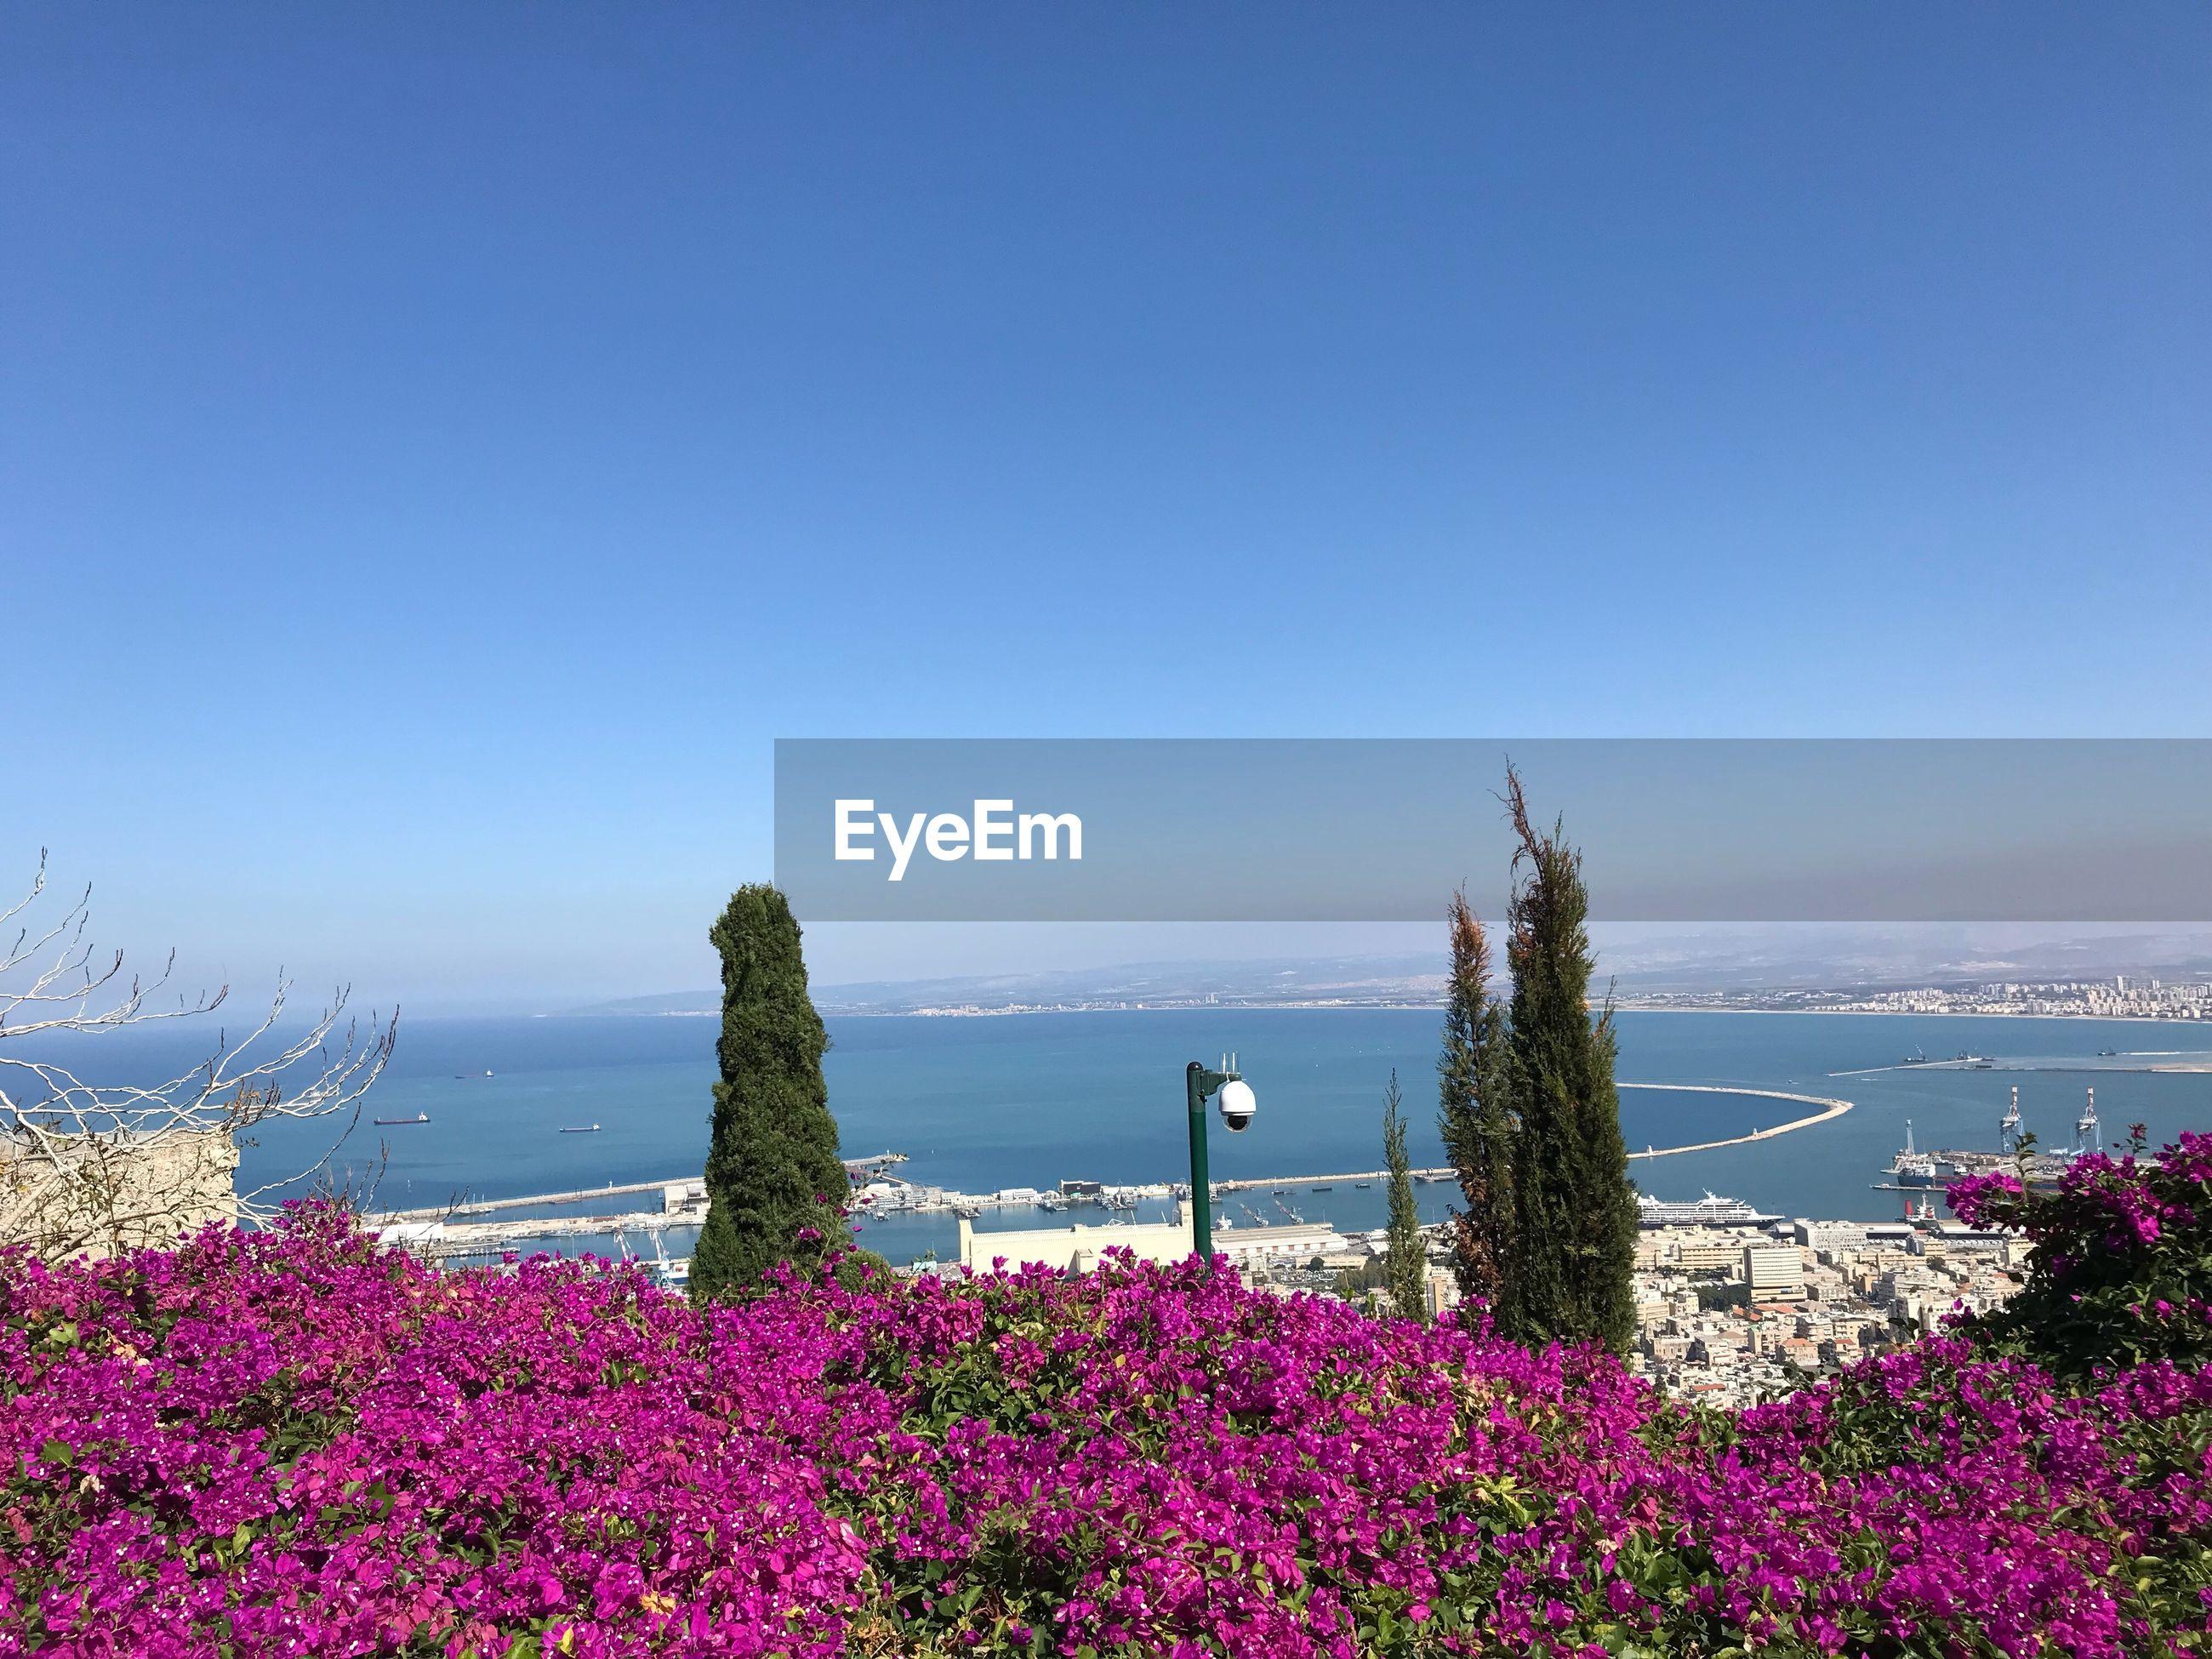 FLOWERING PLANTS BY SEA AGAINST BLUE SKY